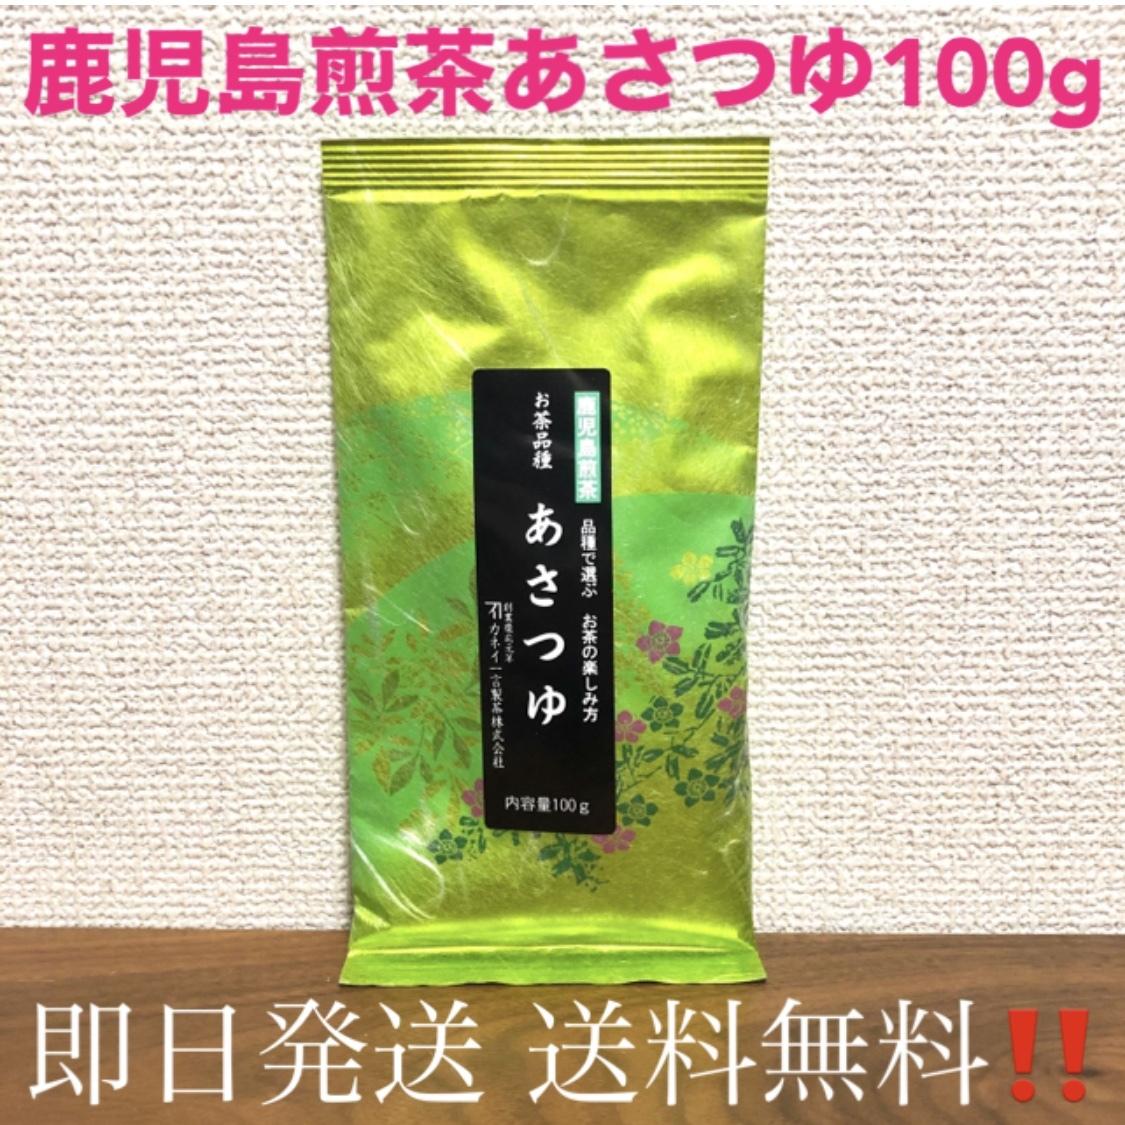 送料無料 新品 鹿児島 煎茶 あさつゆ 100g 緑茶 カネイ一言製茶 美味しい日本茶 人気のお茶 即日発送 ネコポス 匿名配送_画像1